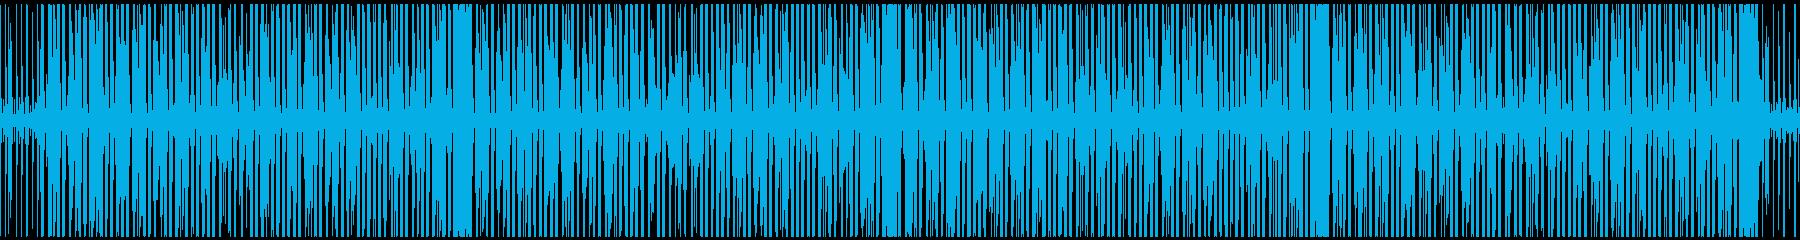 【ループ】陽気・軽快 アコギブルースv2の再生済みの波形